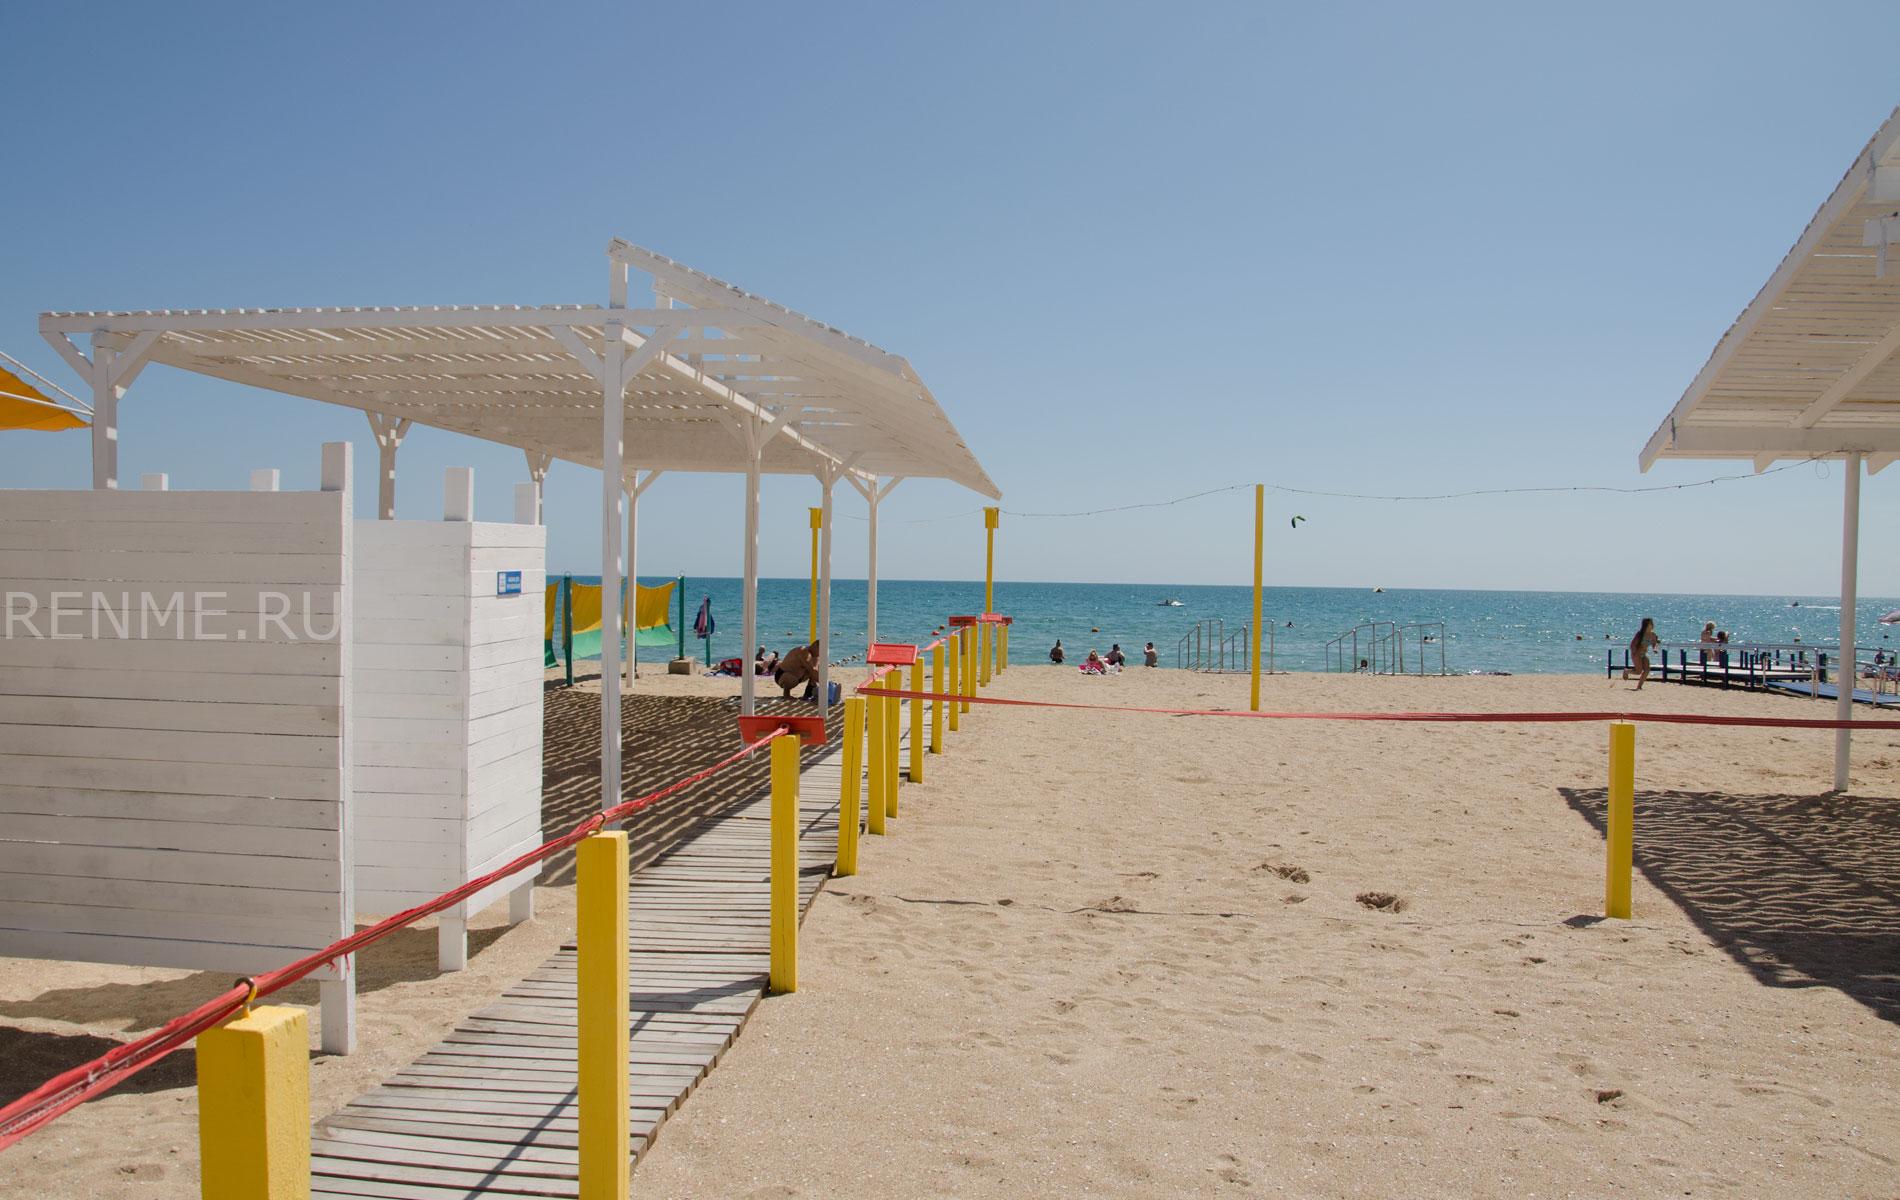 Песчаный пляж для инвалидов. Фото Евпатории